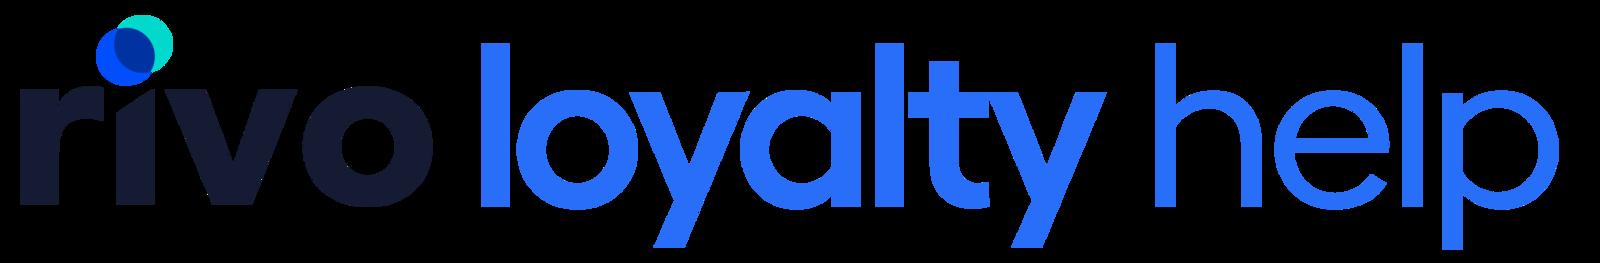 Loyalty, Rewards & Referrals Help Center